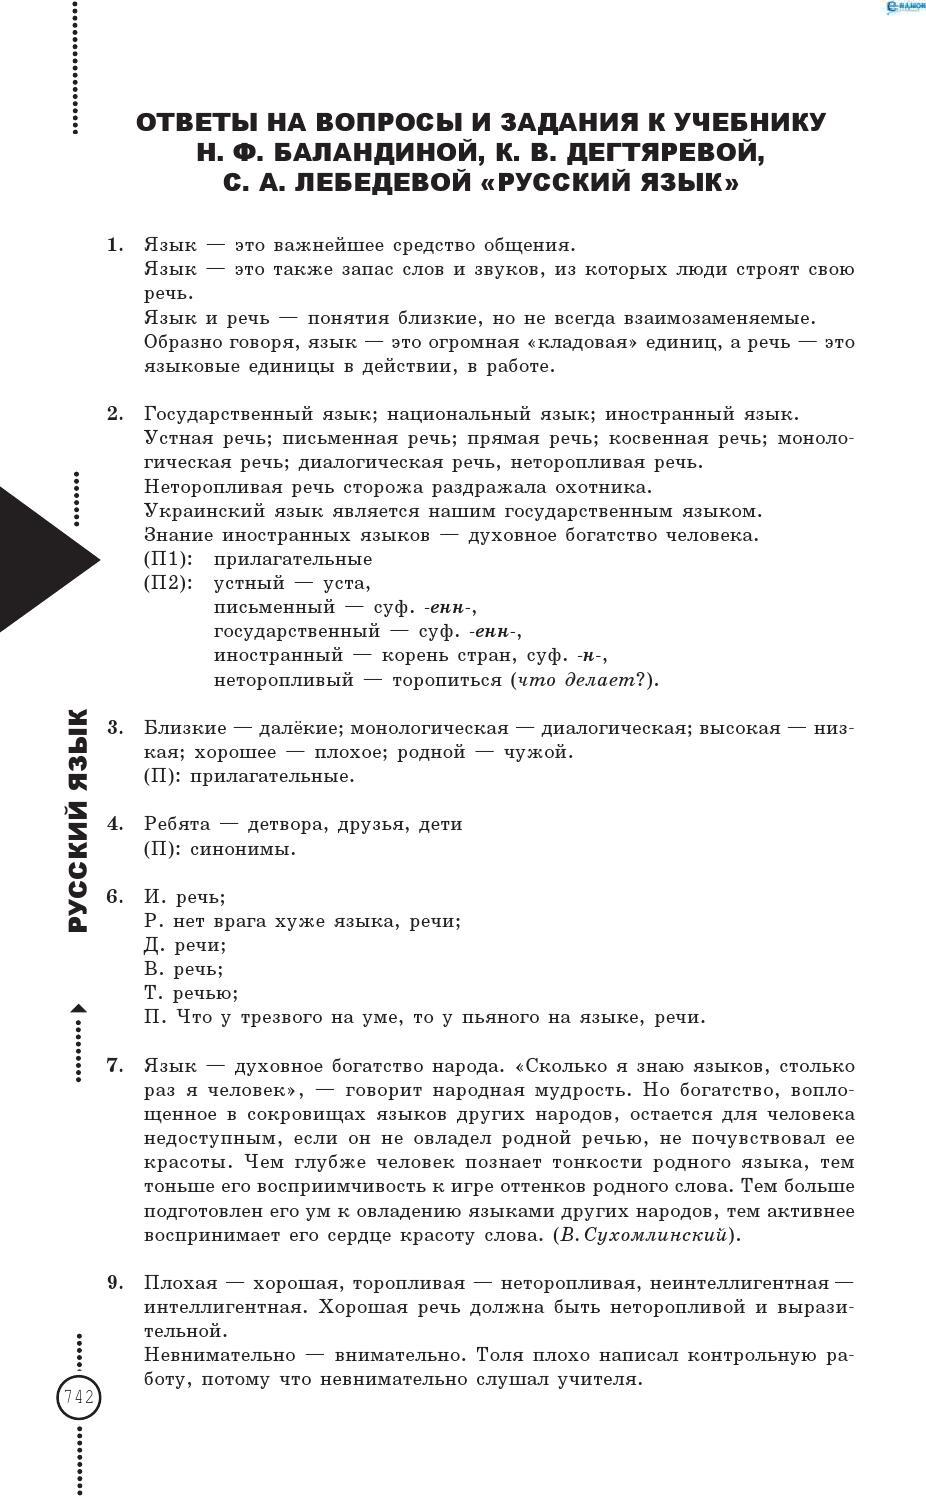 Класс 5 язык русский баландина гдз по